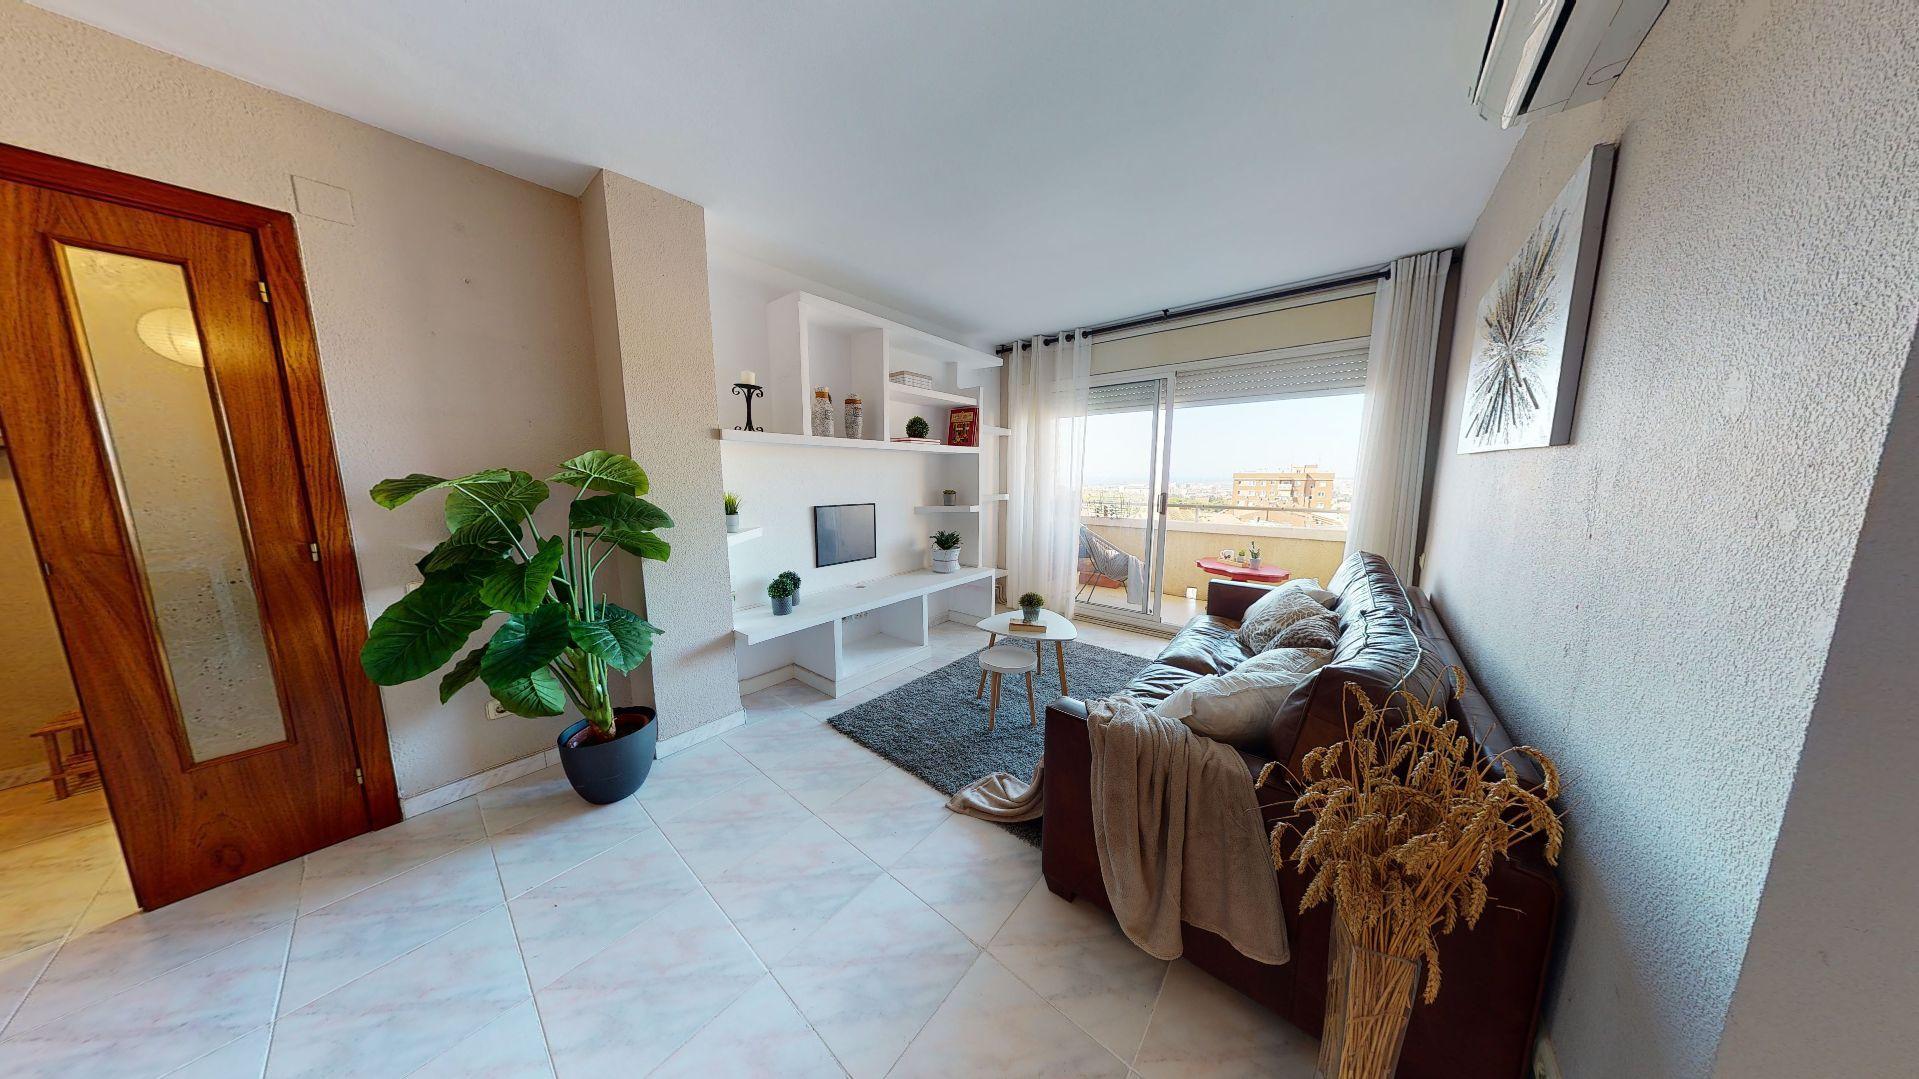 Àtic a Tarragona, SANT PERE I SANT PAU, en venda